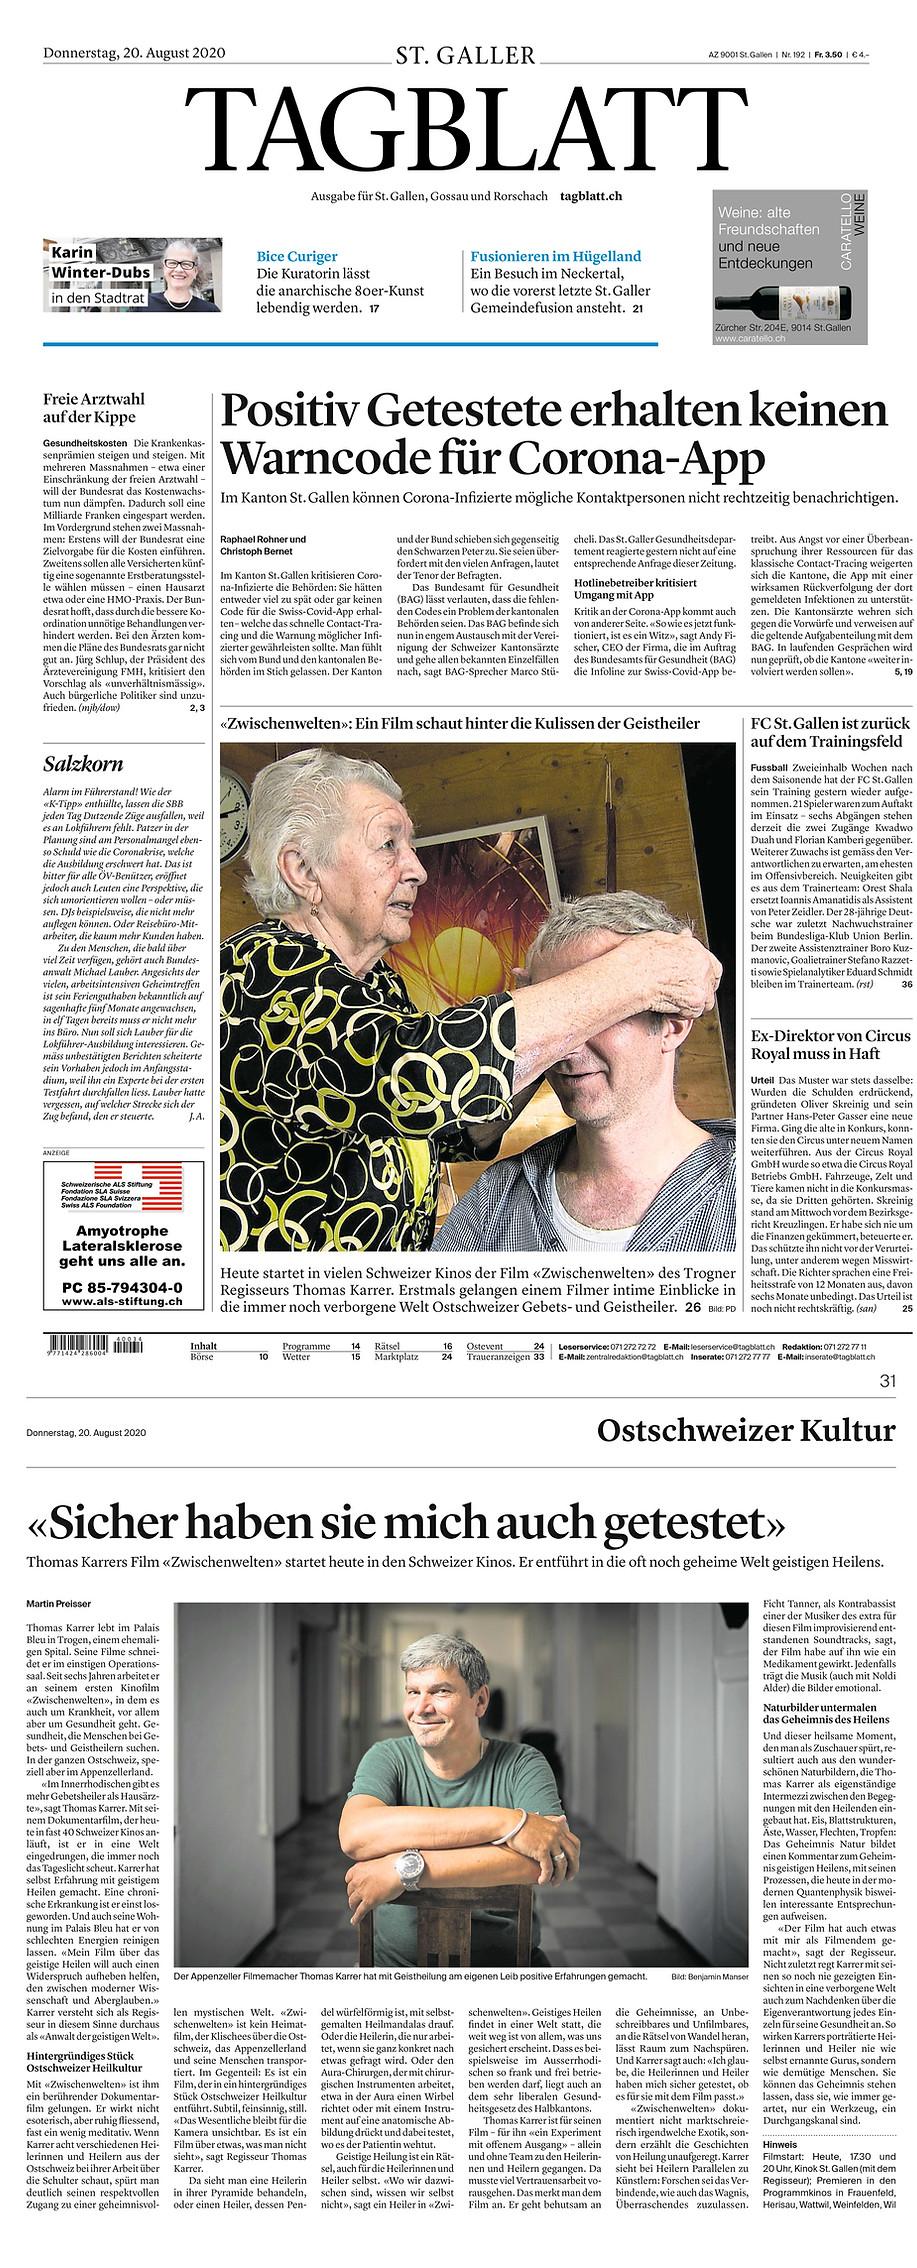 Tagblatt 01.jpg